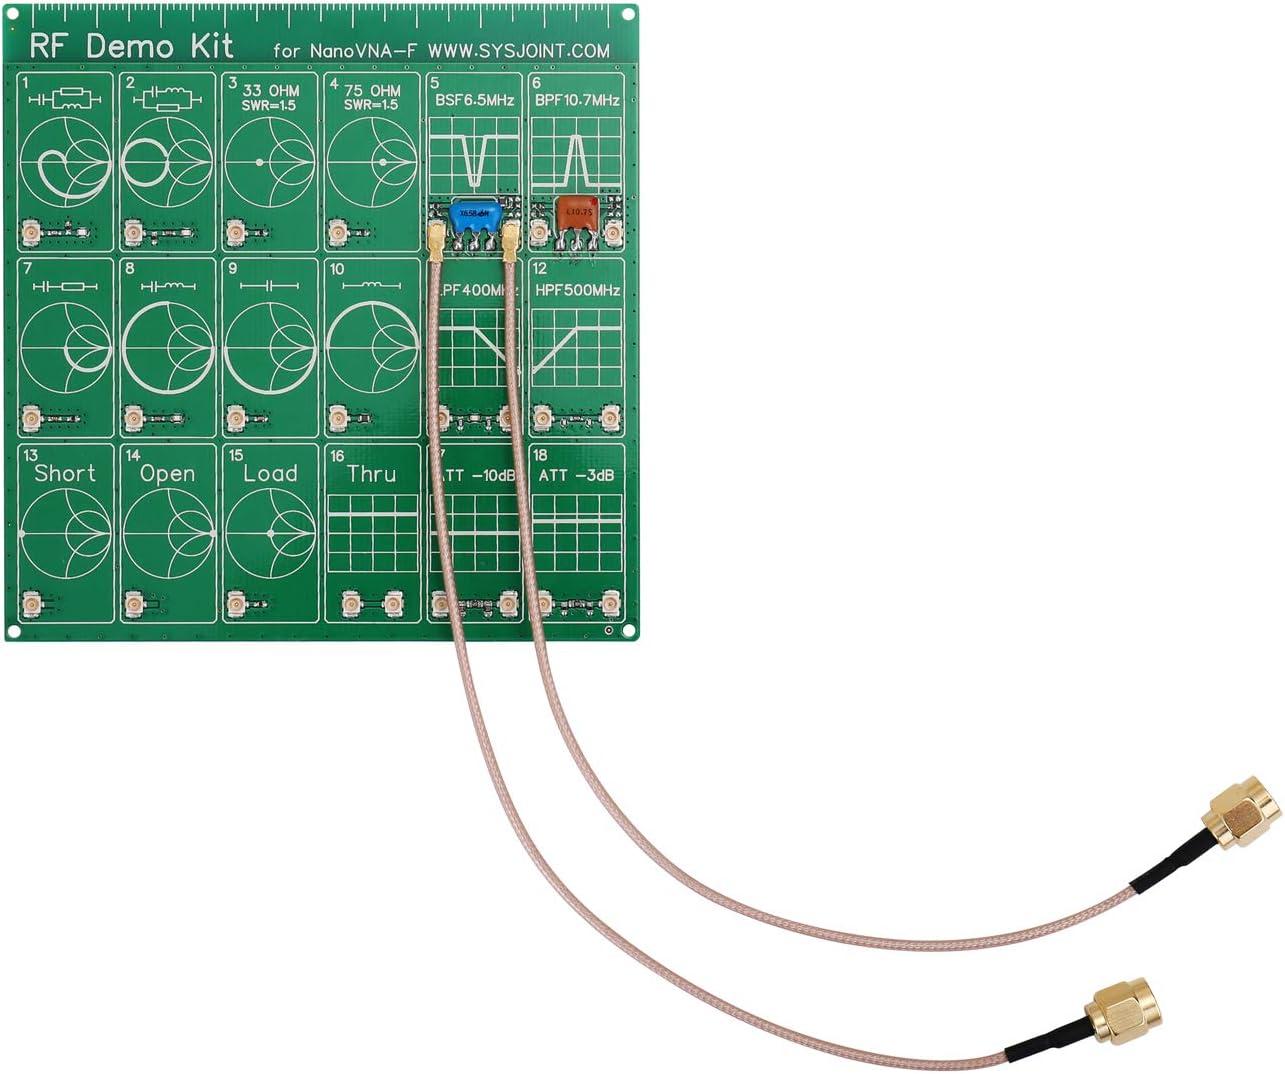 Atenuador RF para analizador de red vectorial NanoVNA-F,kit de demostración de RF PCB Atenuador de filtro